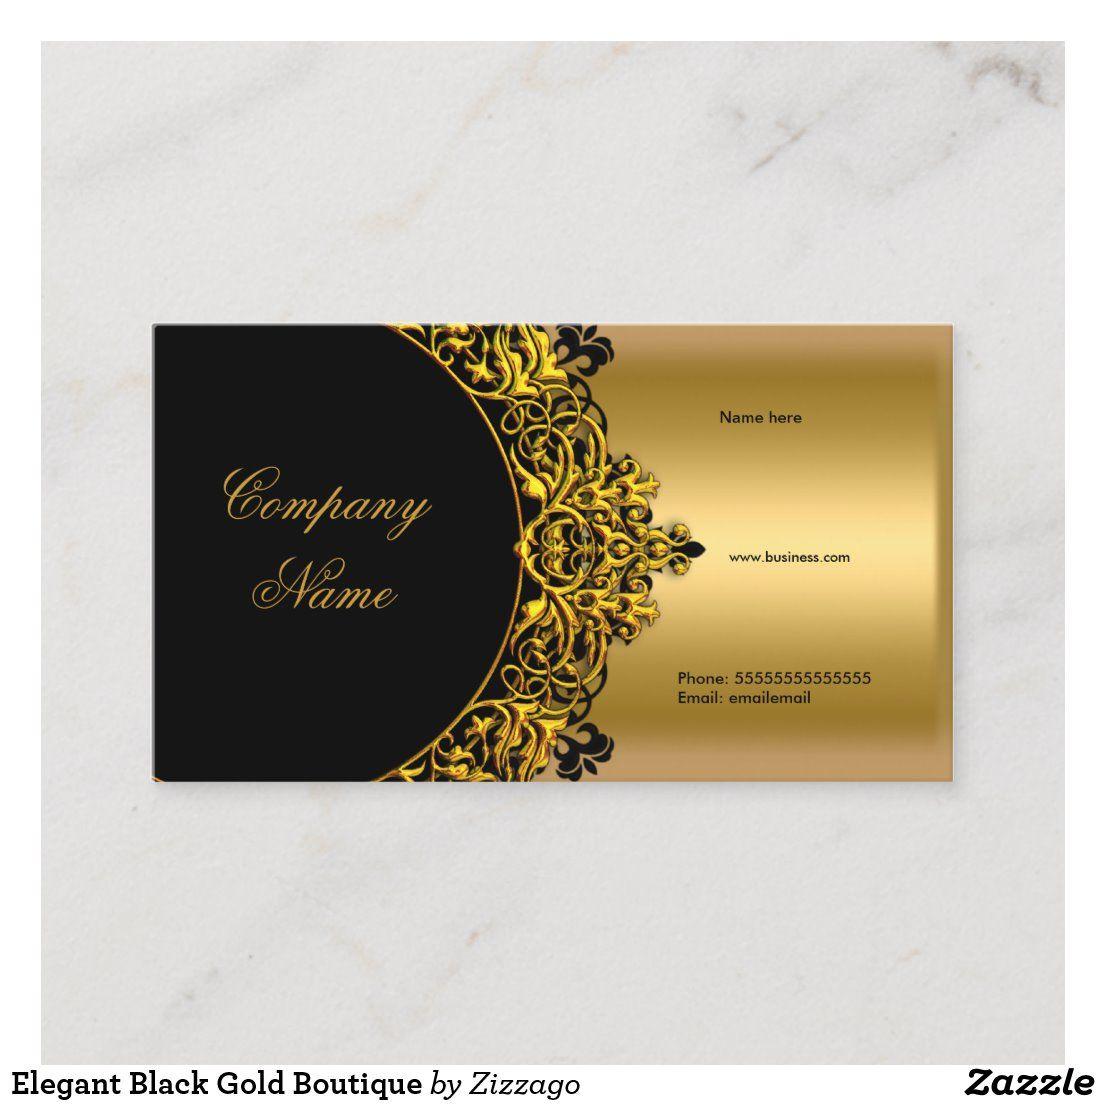 Elegant Black Gold Boutique Business Card Zazzle Com